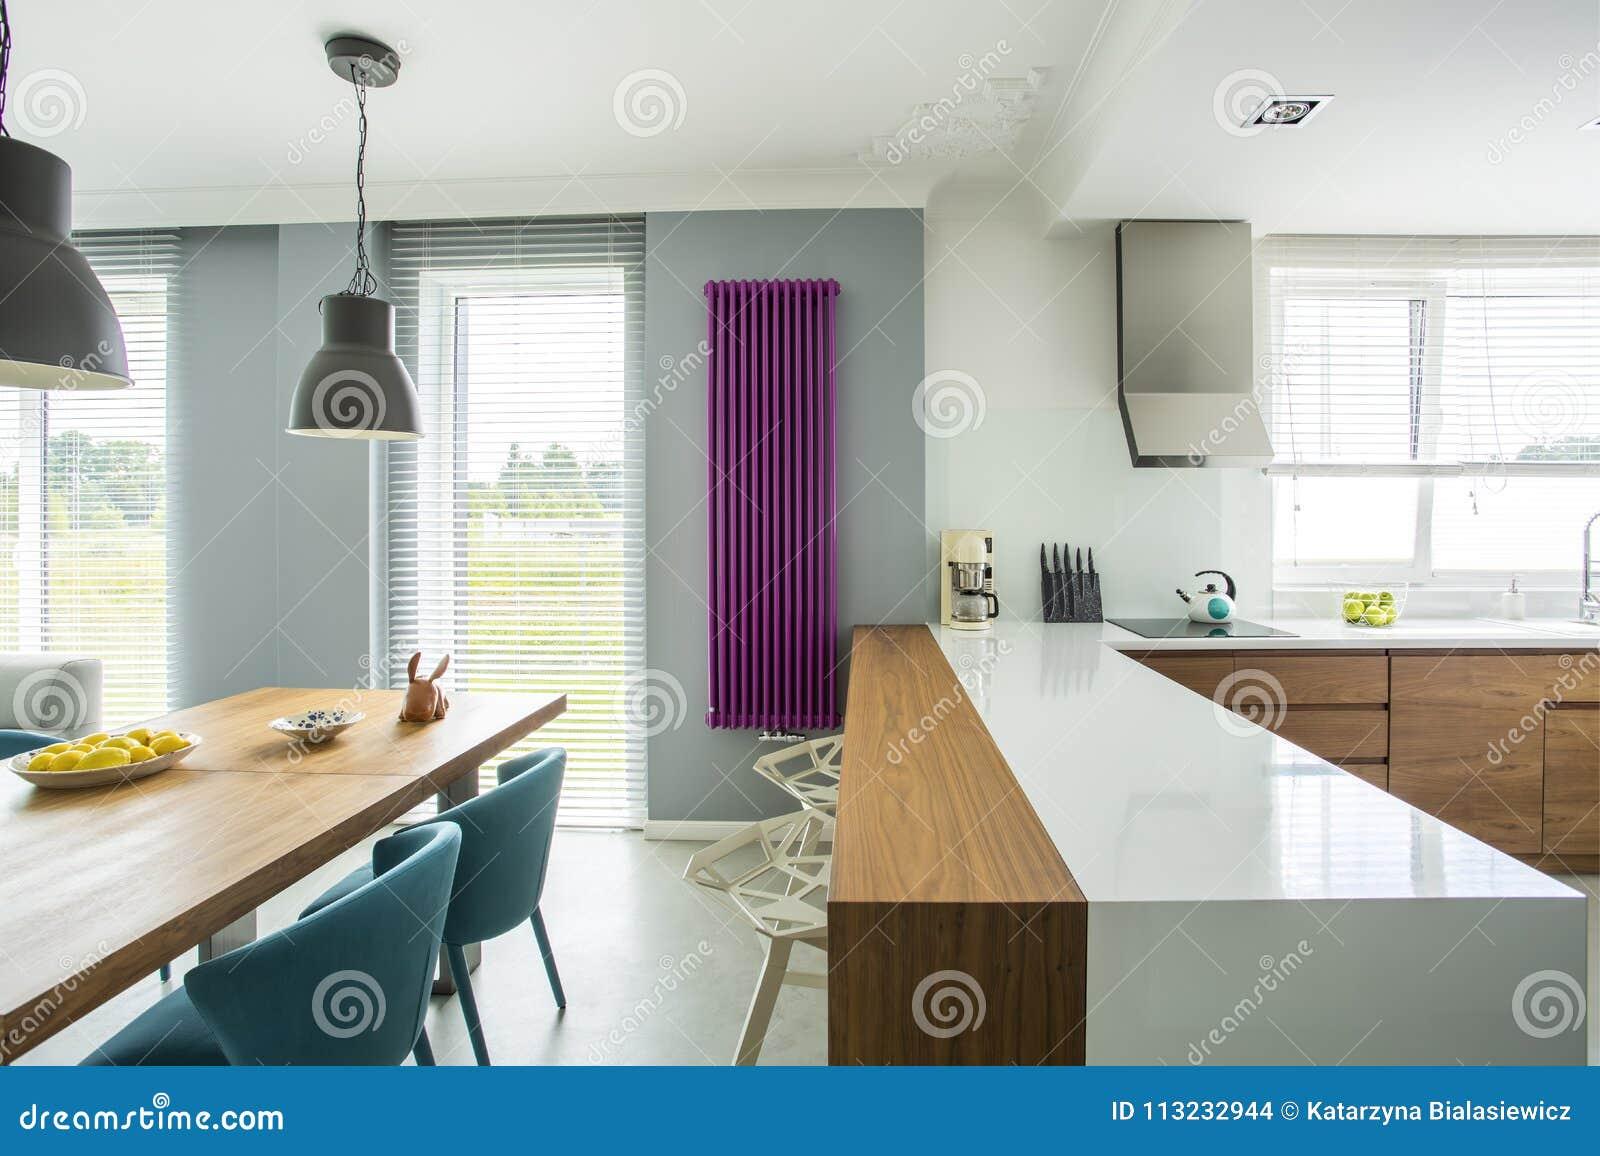 Ilha De Cozinha No Interior Espa Oso Foto De Stock Imagem De